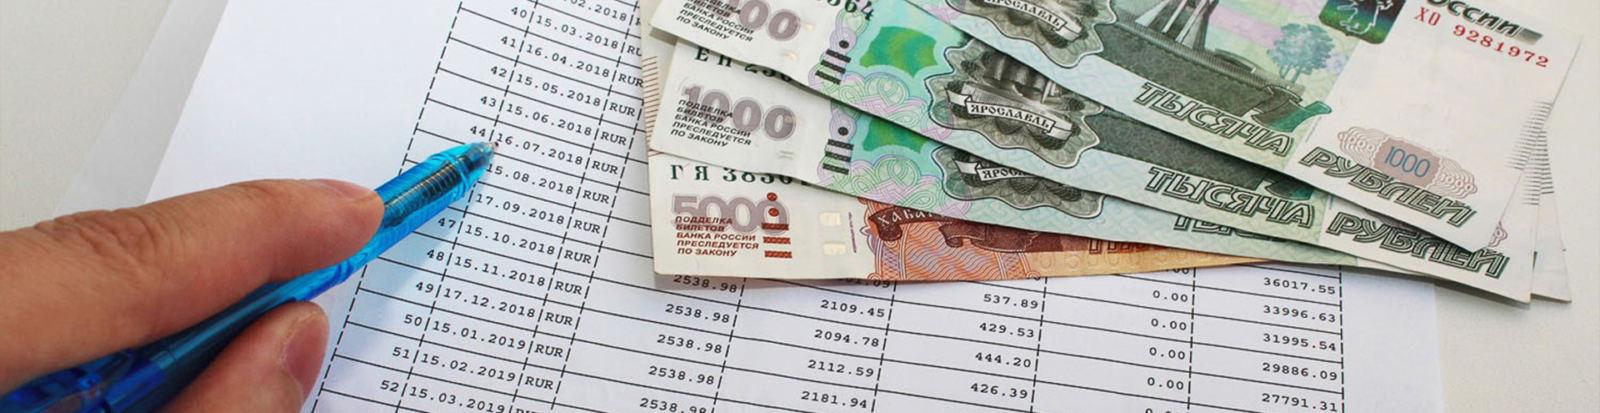 Схемы досрочного погашения ипотечного кредита